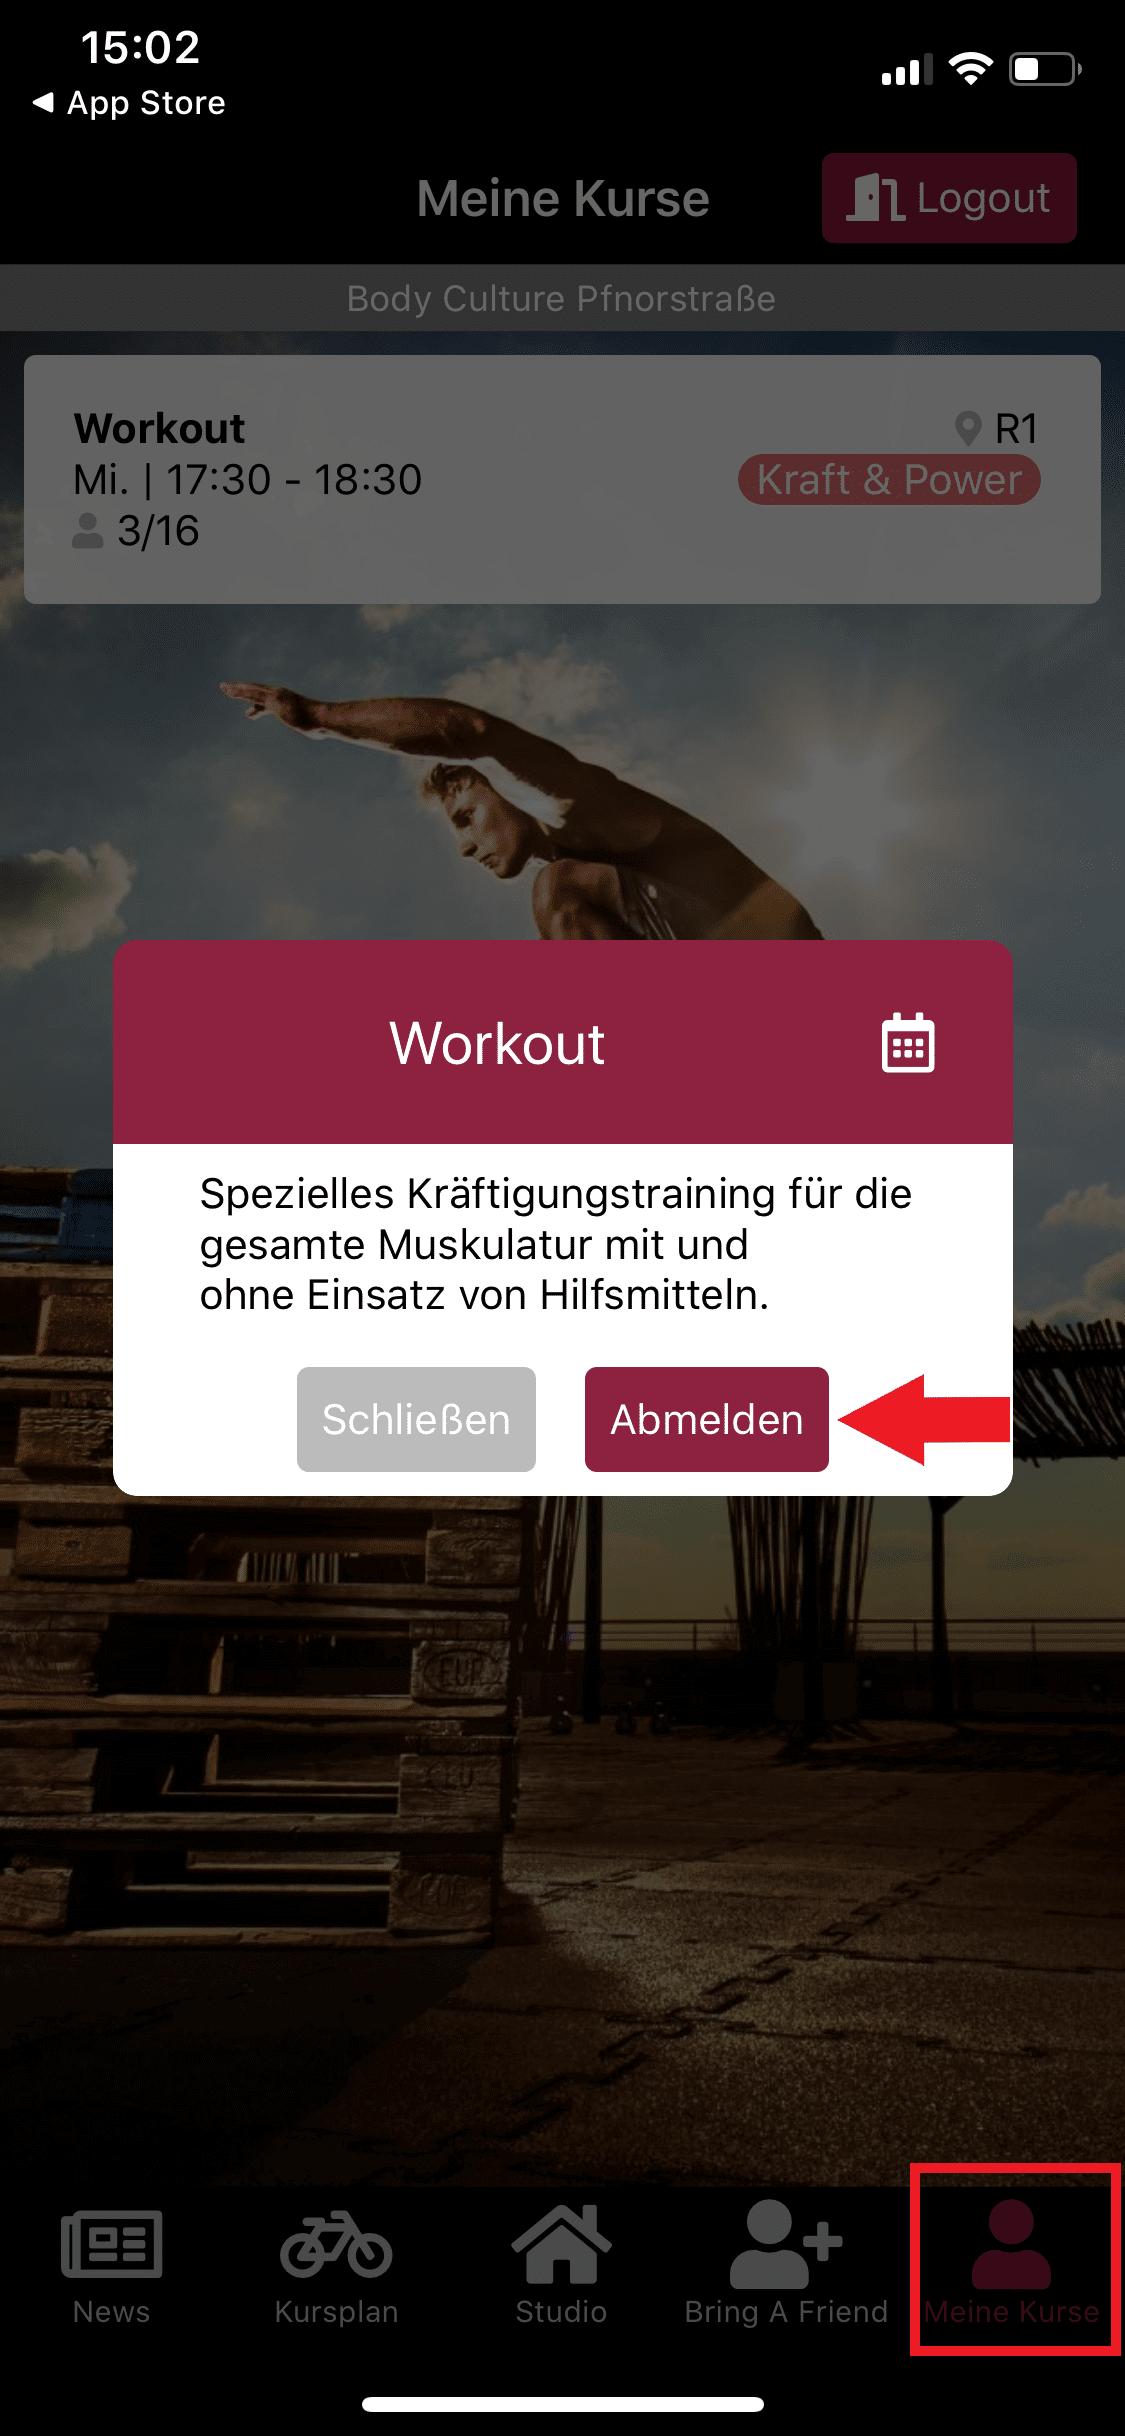 App vom Workout Kurs abmelden